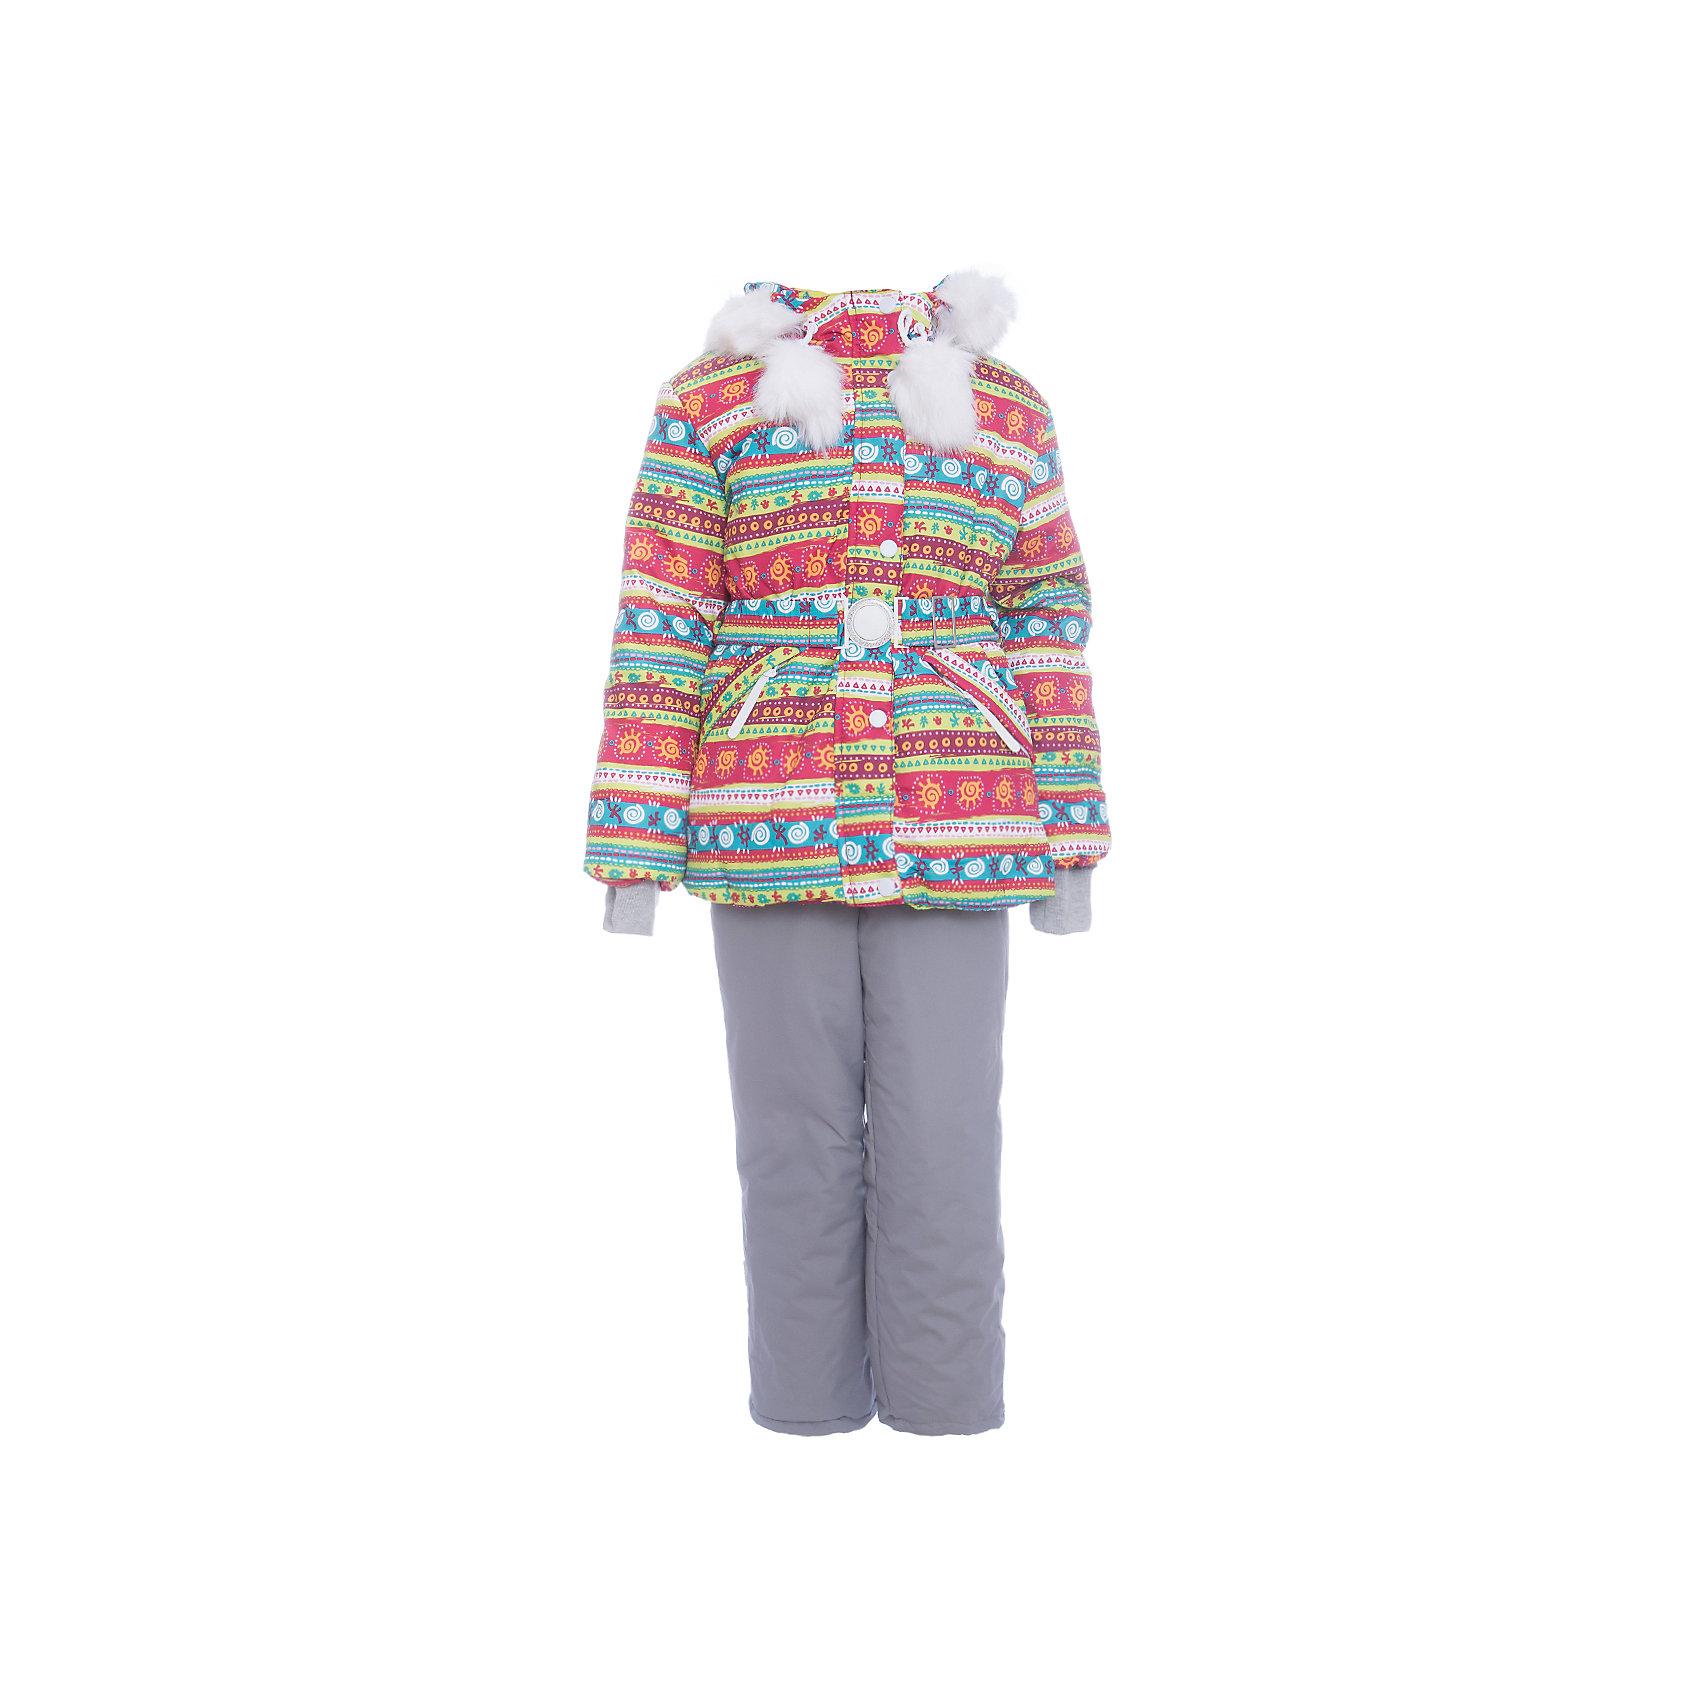 Комплект: куртка и полукомбенизон Майя Batik для девочкиВерхняя одежда<br>Комплект: куртка и полукомбенизон Майя Batik для девочки <br>Верхняя ткань обладает водоотталкивающими и ветрозащитными свойствами мембраны. Куртка на молнии с ветрозащитной планкой, светоотражающими элементами и поясом на талии. Полукомбинезон на молнии с регулируемыми лямками и силиконовыми штрипками для ботинок. Капюшон на молнии со съемной опушкой. В комплекте идет толстовка.<br>Состав:<br>Ткань верха - TASLON OXFORD;  Утеплитель - Слайтекс 350;  Подкладка - Полар флис;<br><br>Ширина мм: 356<br>Глубина мм: 10<br>Высота мм: 245<br>Вес г: 519<br>Цвет: зеленый<br>Возраст от месяцев: 36<br>Возраст до месяцев: 48<br>Пол: Женский<br>Возраст: Детский<br>Размер: 104,86,92,98<br>SKU: 7028204